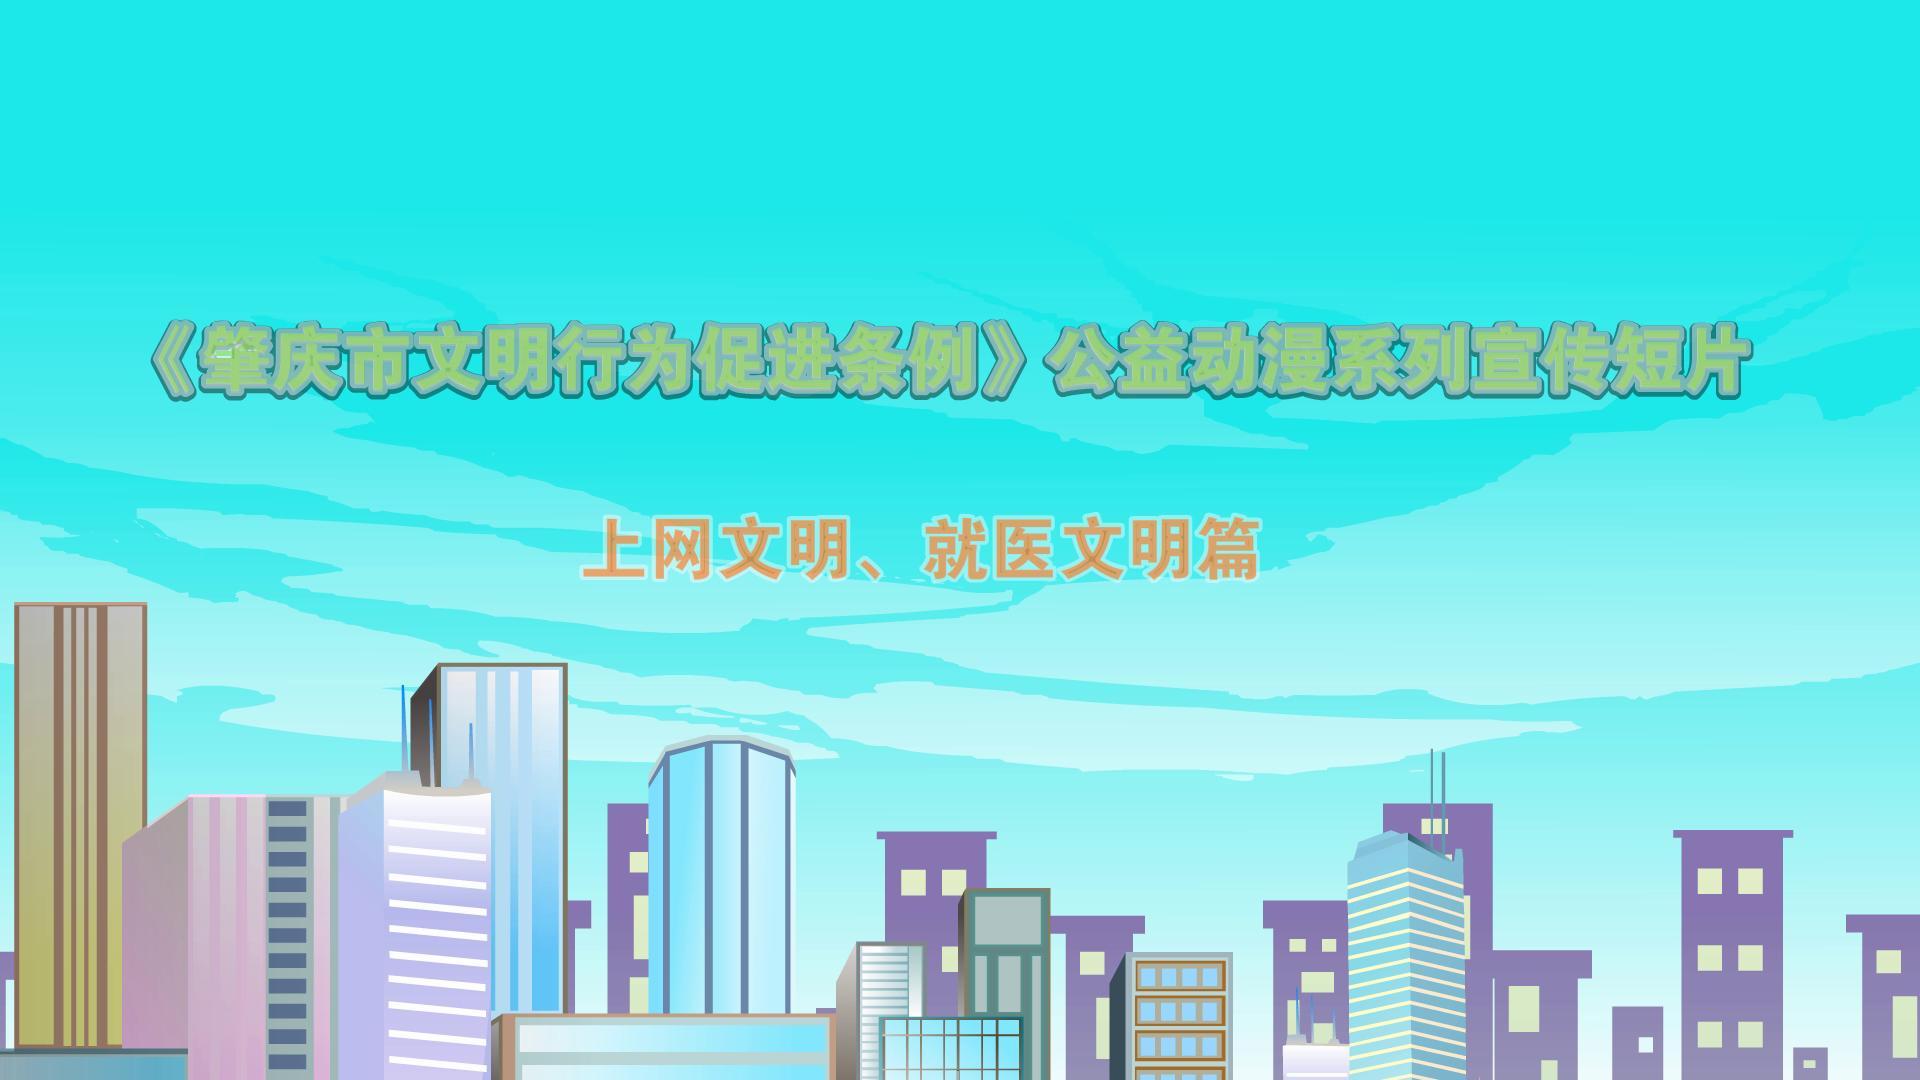 《肇庆市文明行为促进条例》公益动漫系列宣传短片——上网文明、就医文明篇